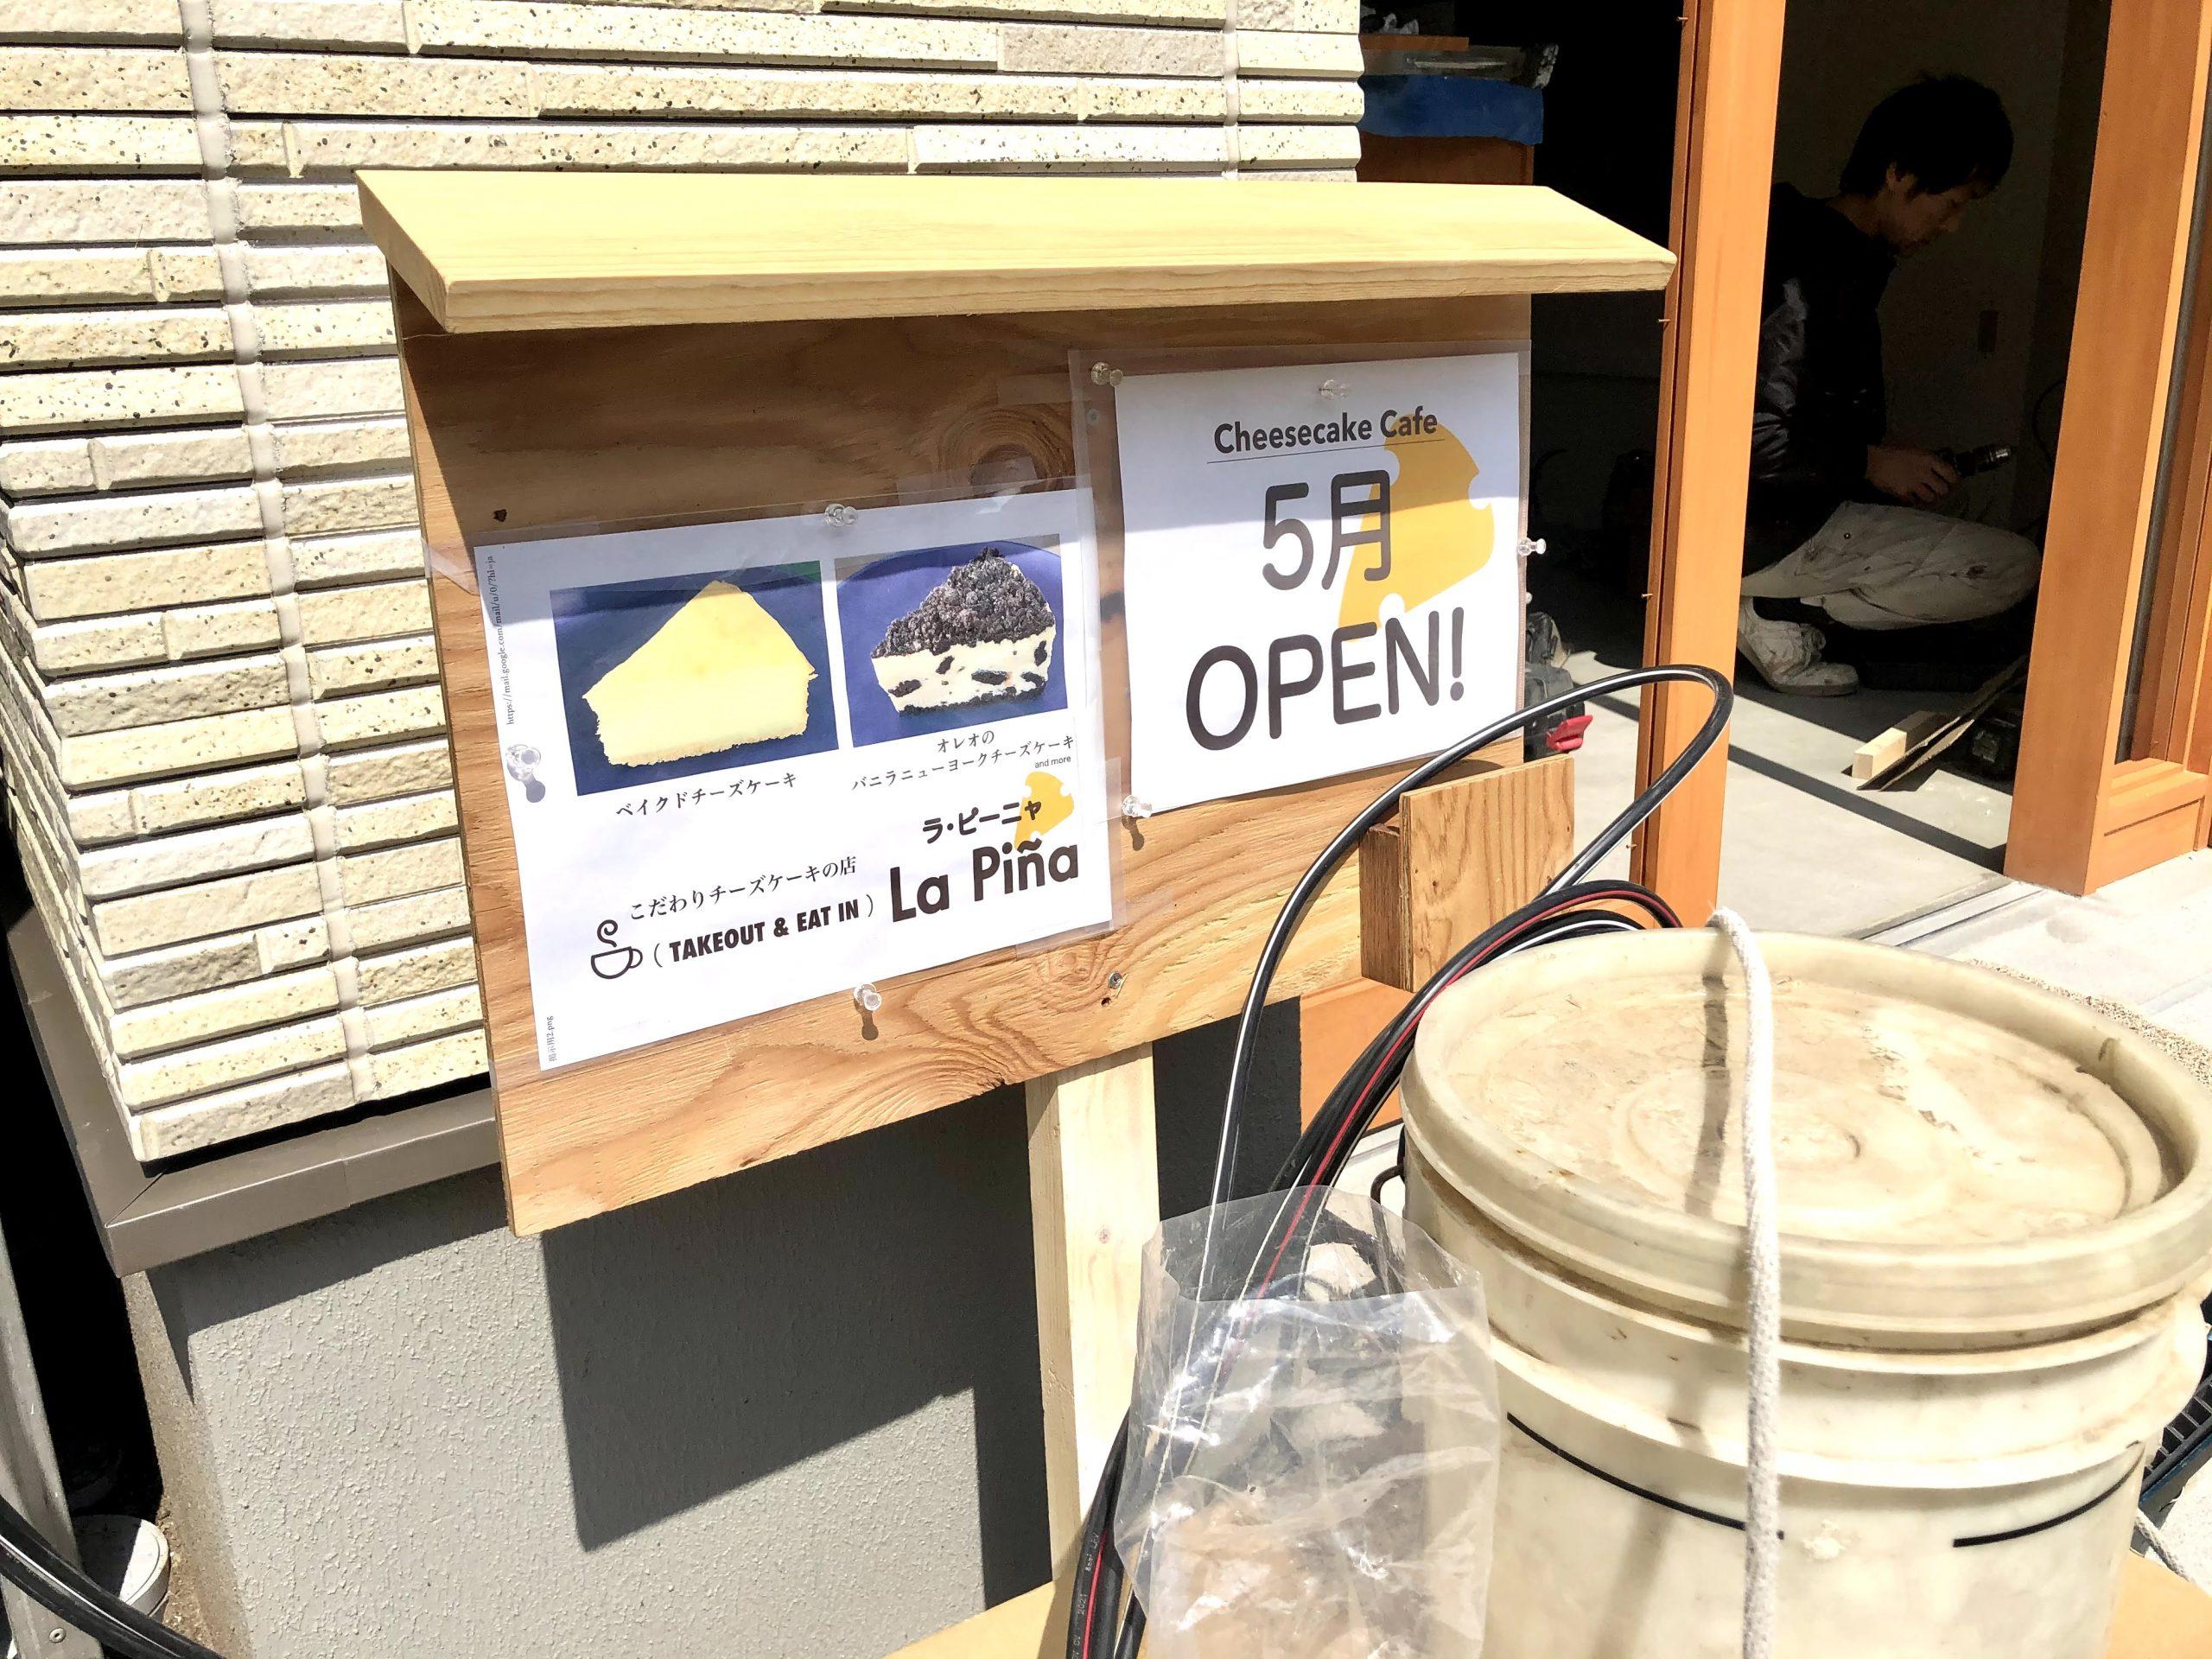 チーズケーキ専門店「La Pina」が5月オープン予定🧀🍰@下北沢一番街商店街